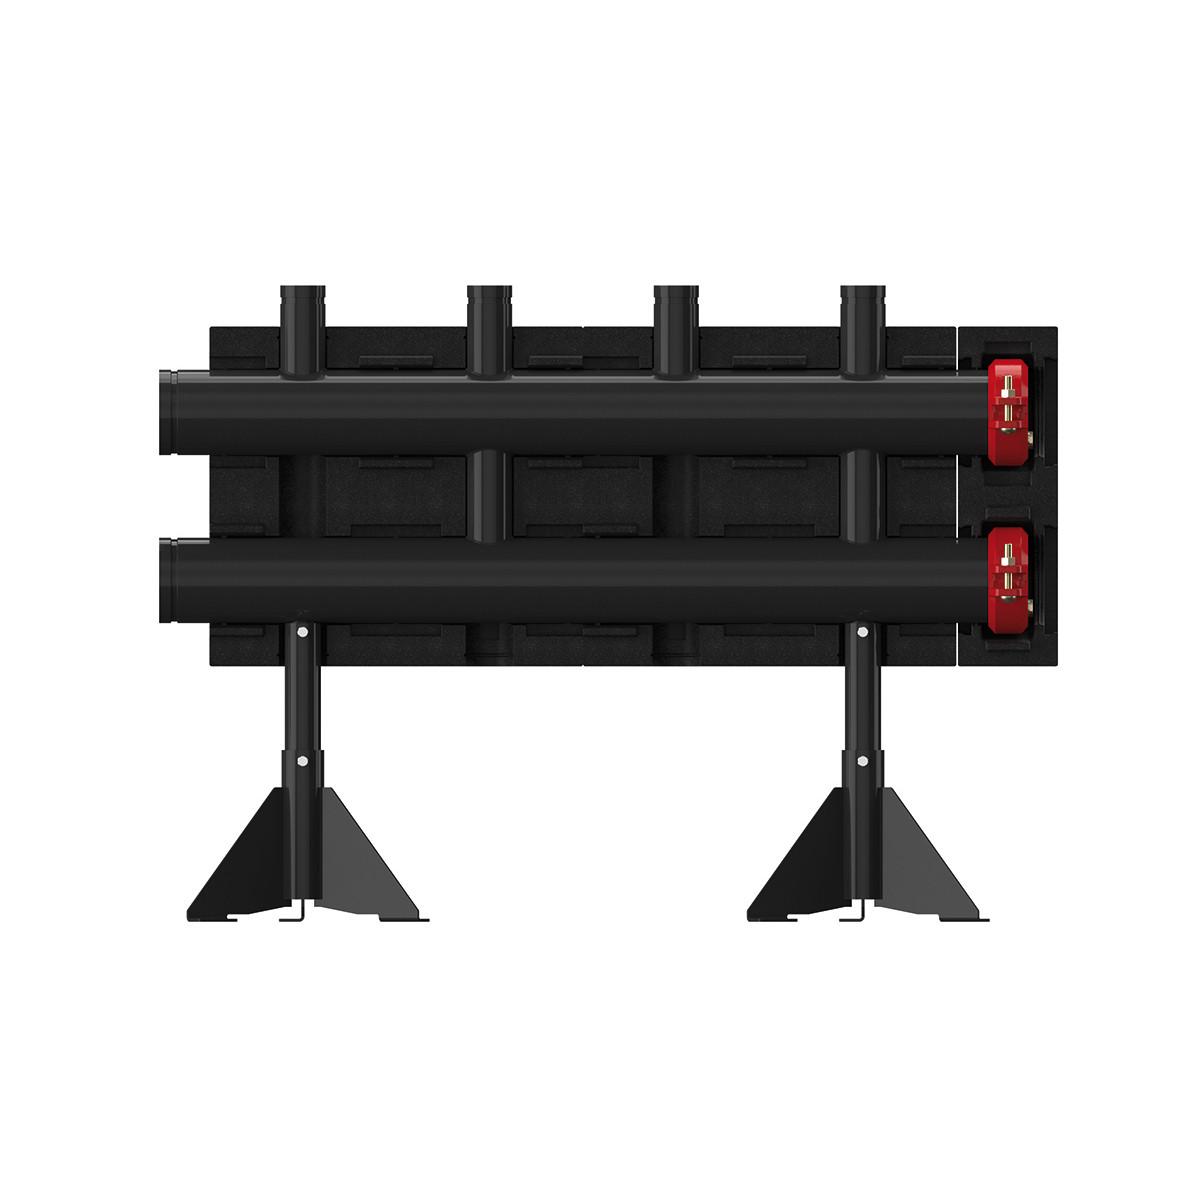 Напольные распределители (коллектор) на 2 контура - Meibes  MeiFlow L MF -2300 кВт